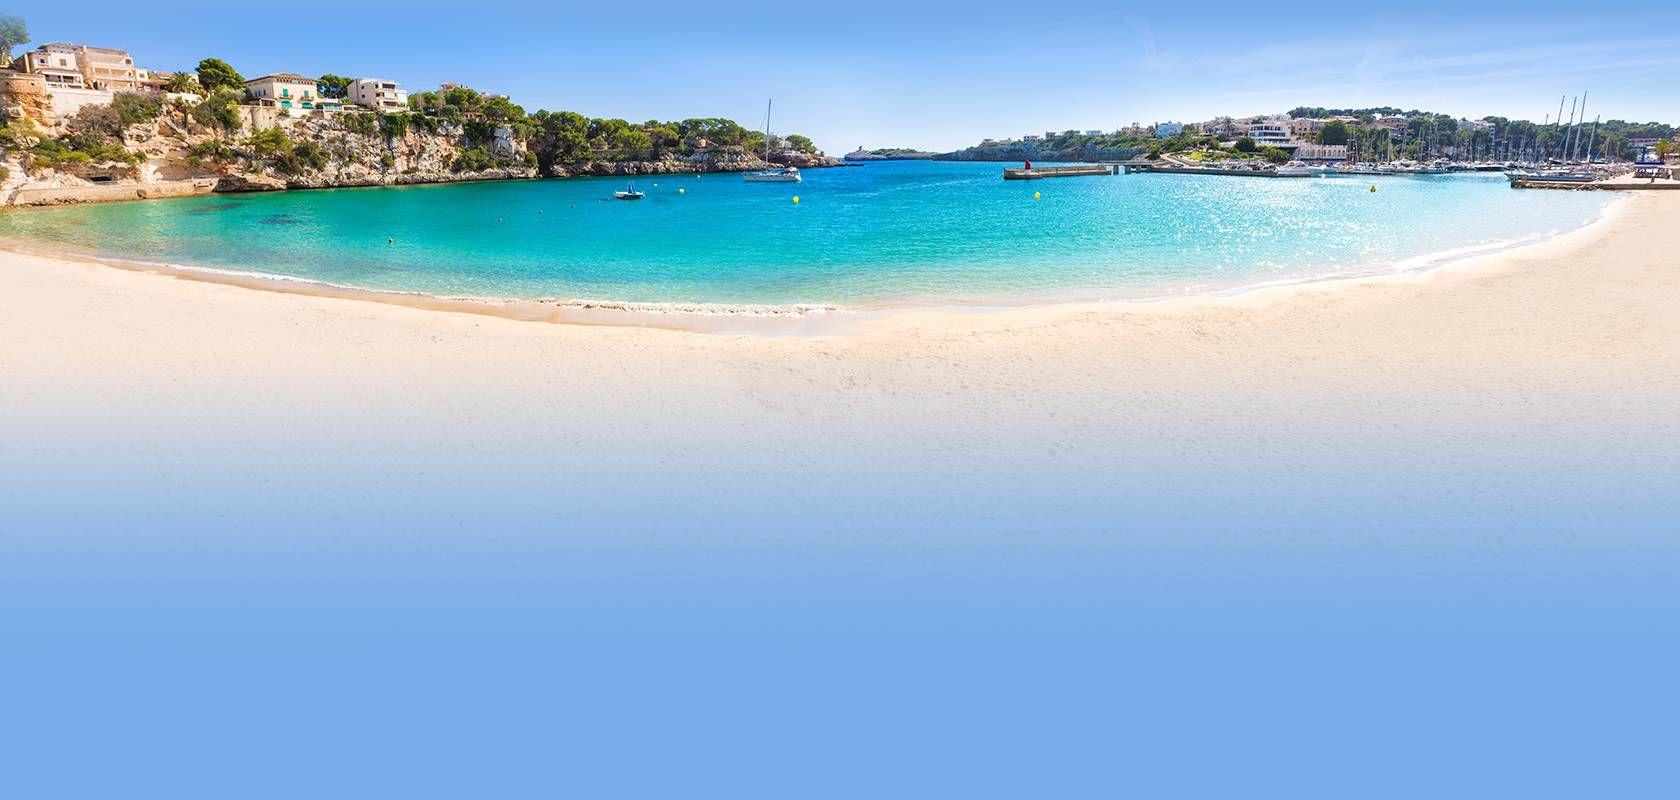 Strand bei sonnigem Wetter auf Mallorca